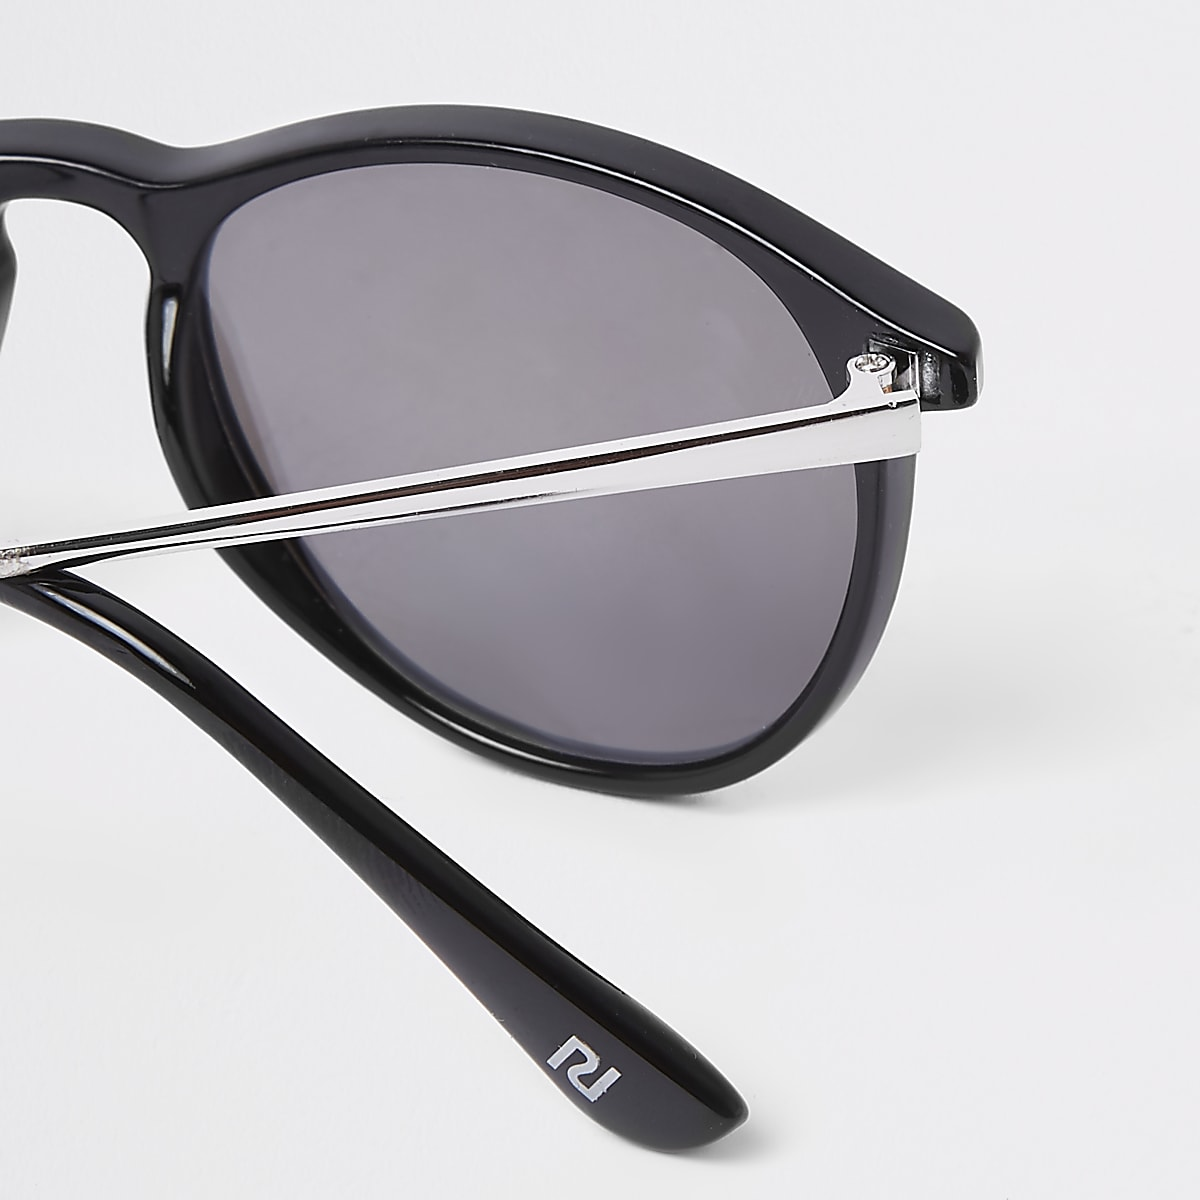 cab8f6c29960 Boys black retro smoke lens retro sunglasses - Sunglasses ...